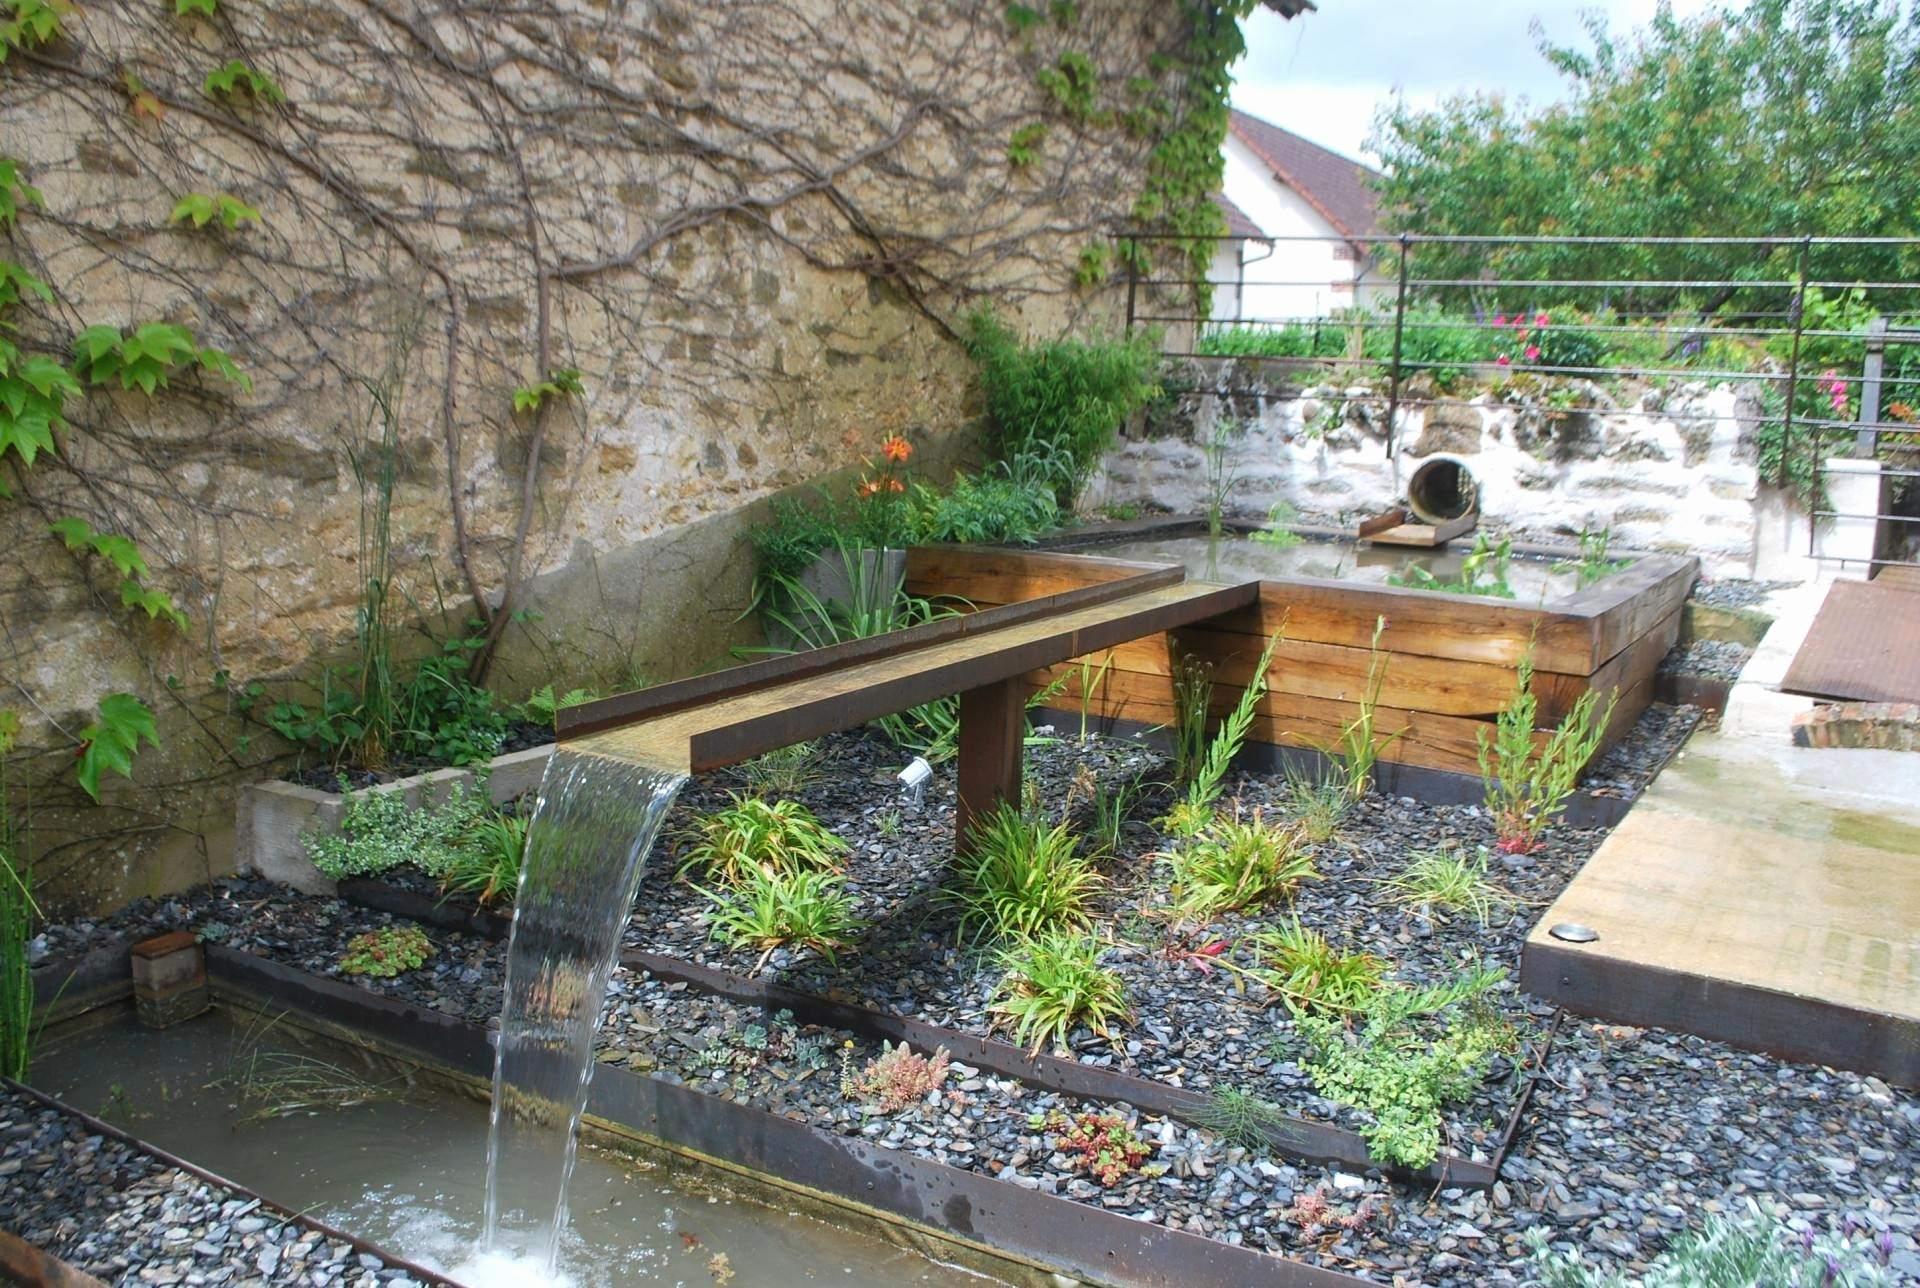 Logiciel Gratuit Paysagiste Beau Galerie Jardin Paysager Moderne Jardin Paysagiste Unique Pironnet Paysagiste